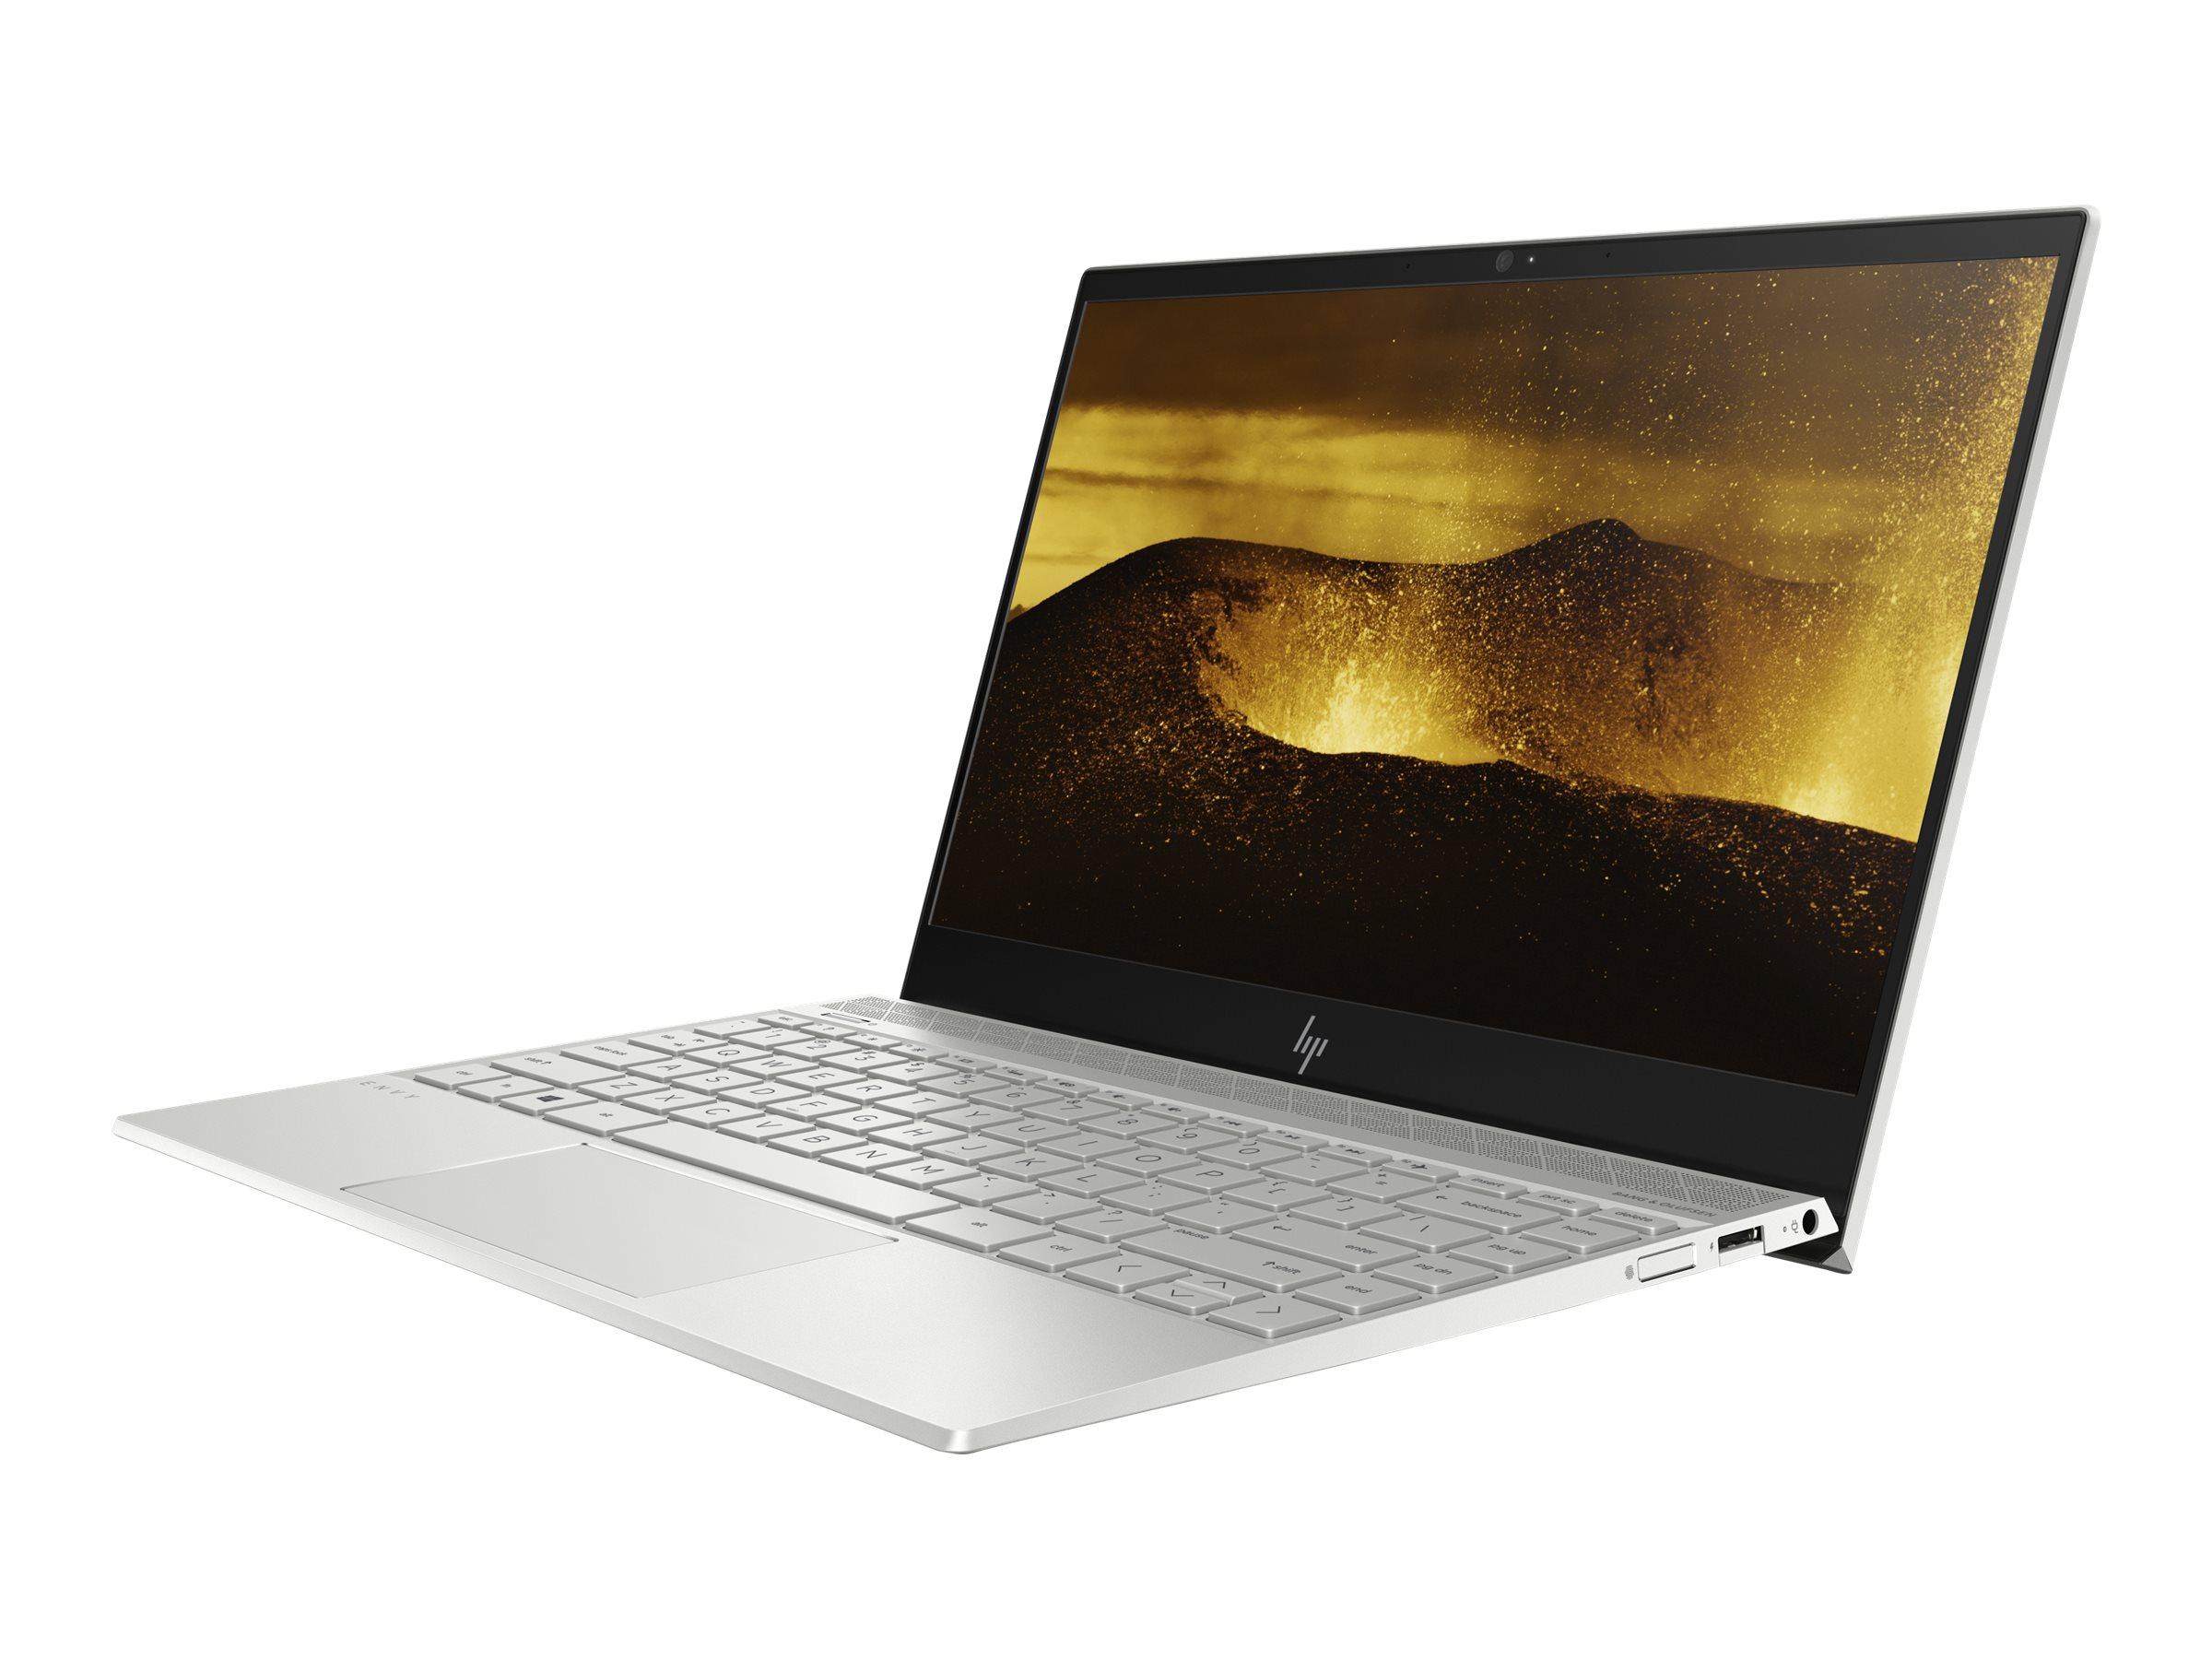 HP ENVY 13-ah0004ng 1.60GHz i5-8250U Intel? Core i5 der achten Generation 13.3Zoll 1920 x 1080Pixel Silber Notebook